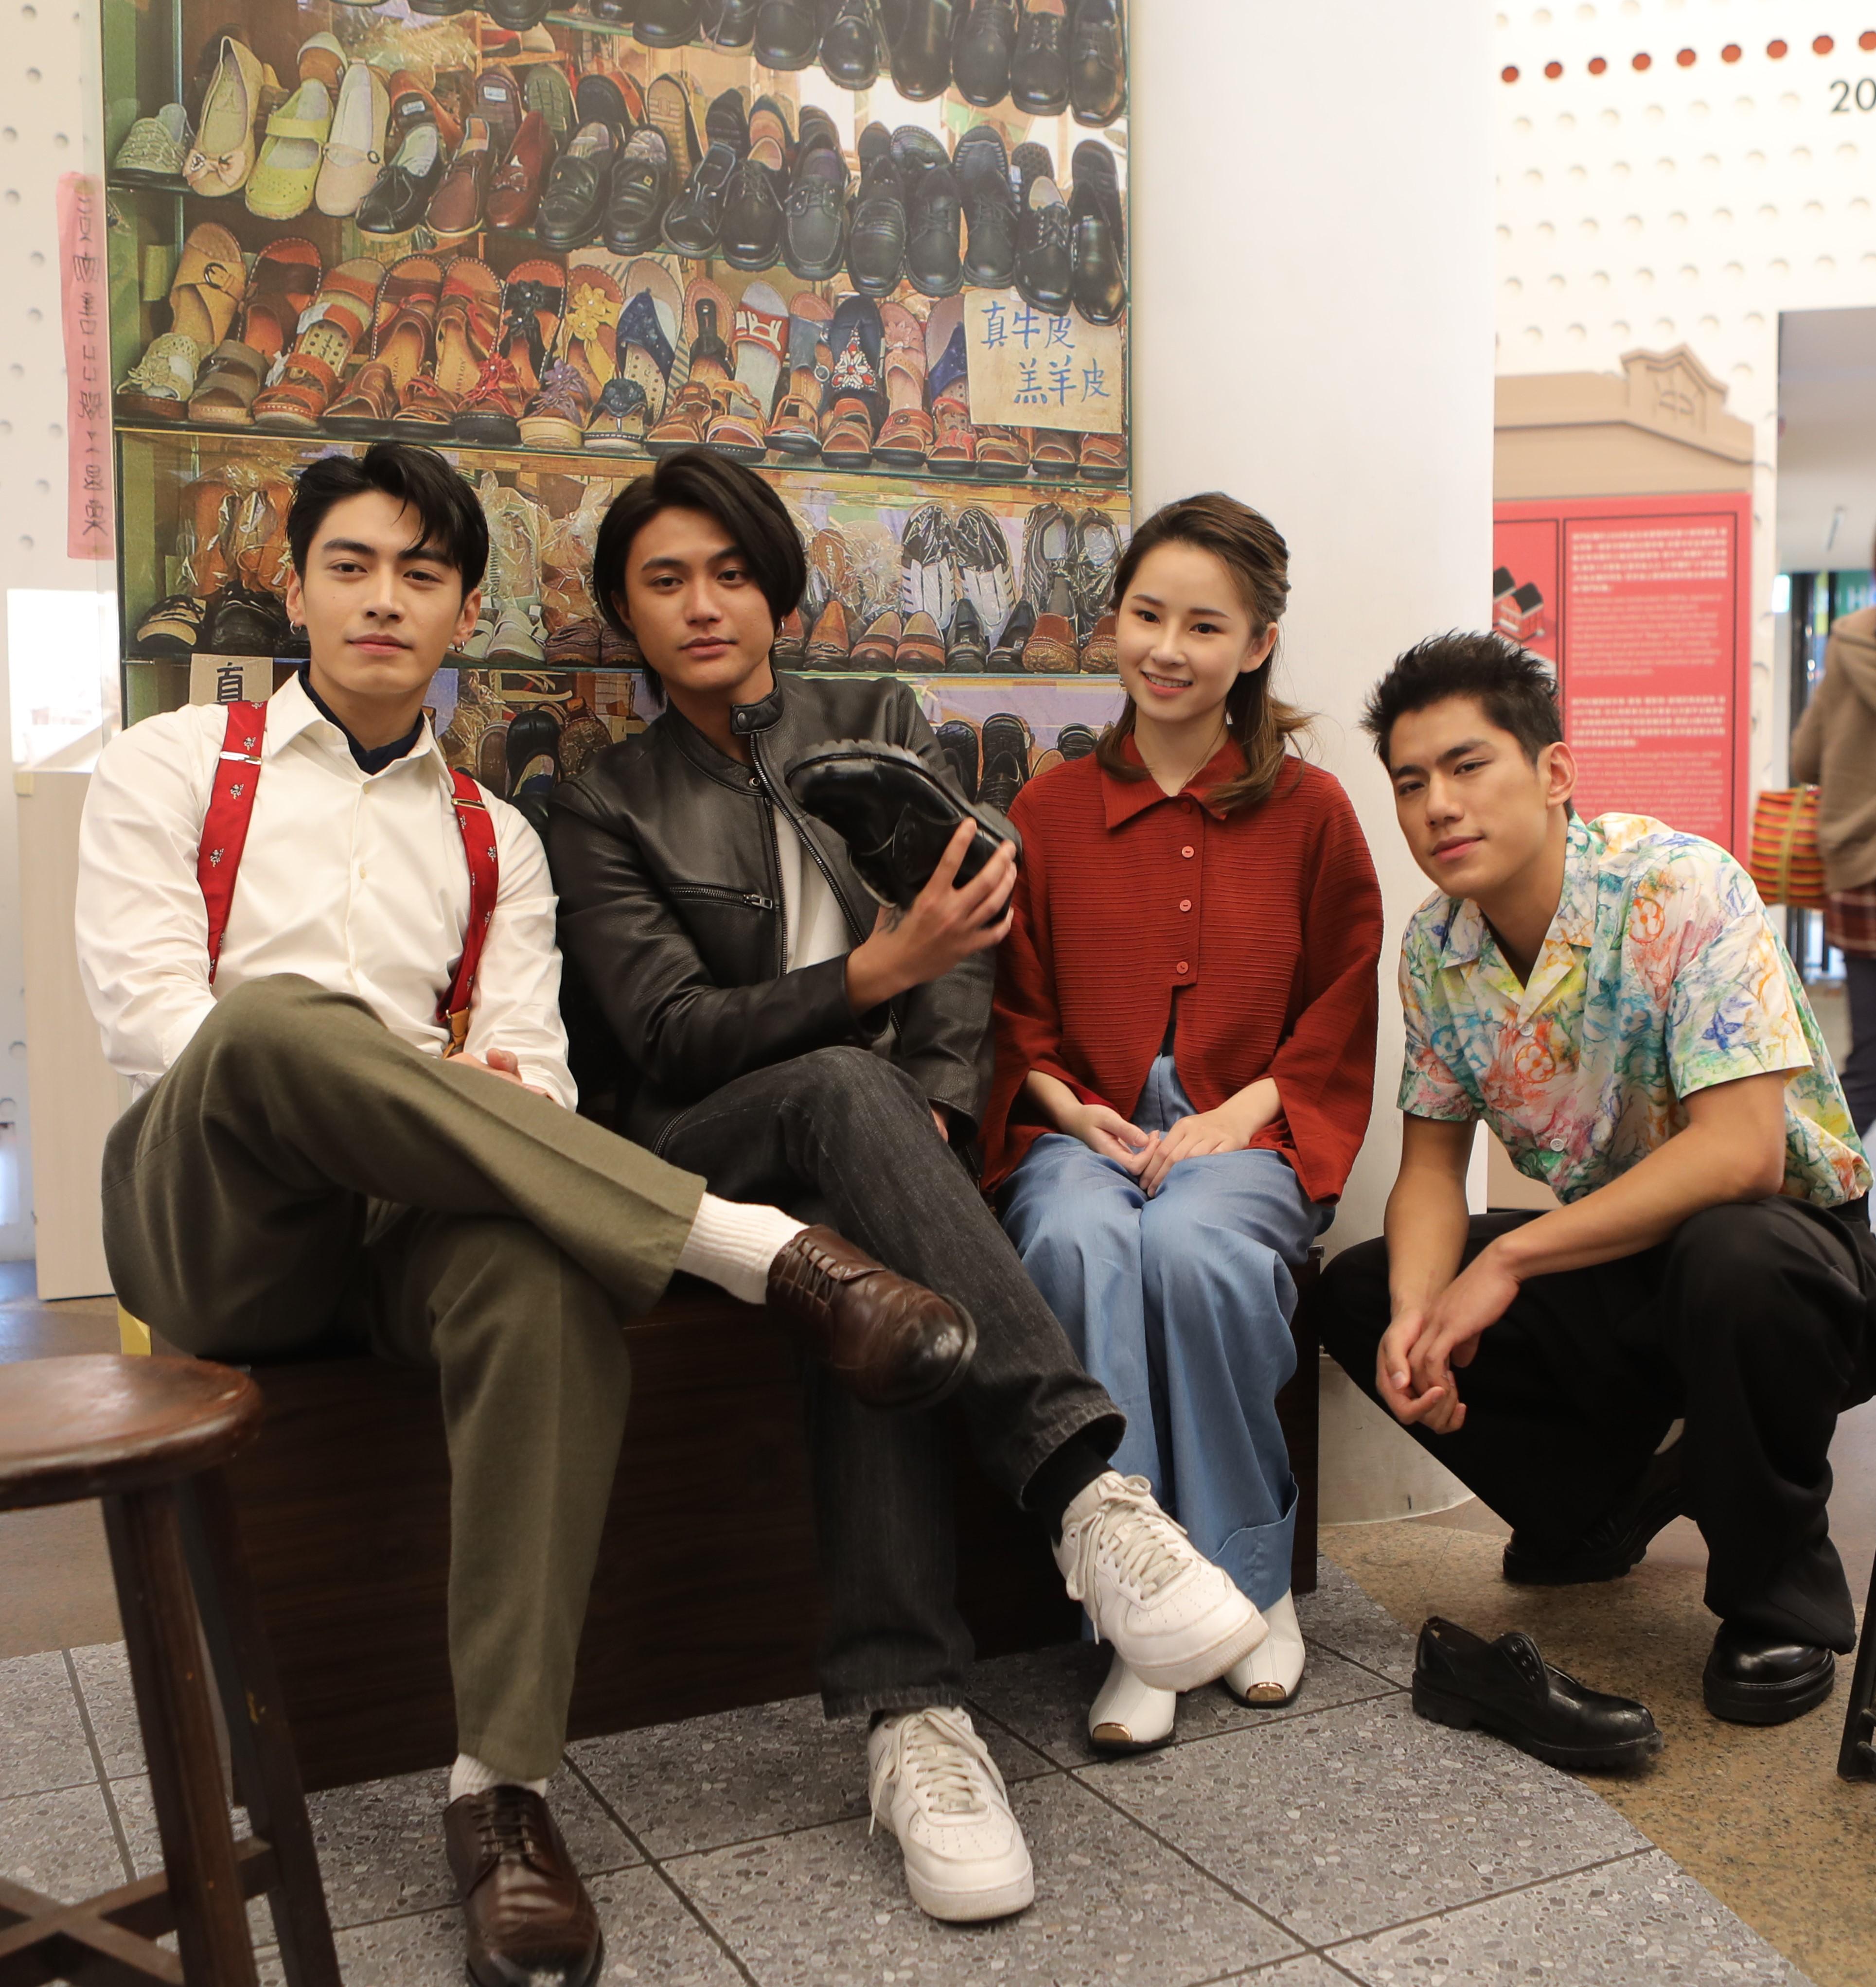 公視「天橋上的魔術師」演員西門紅樓展覽踩點 左起盧以恩、宋柏緯、朱軒洋、羅士齊